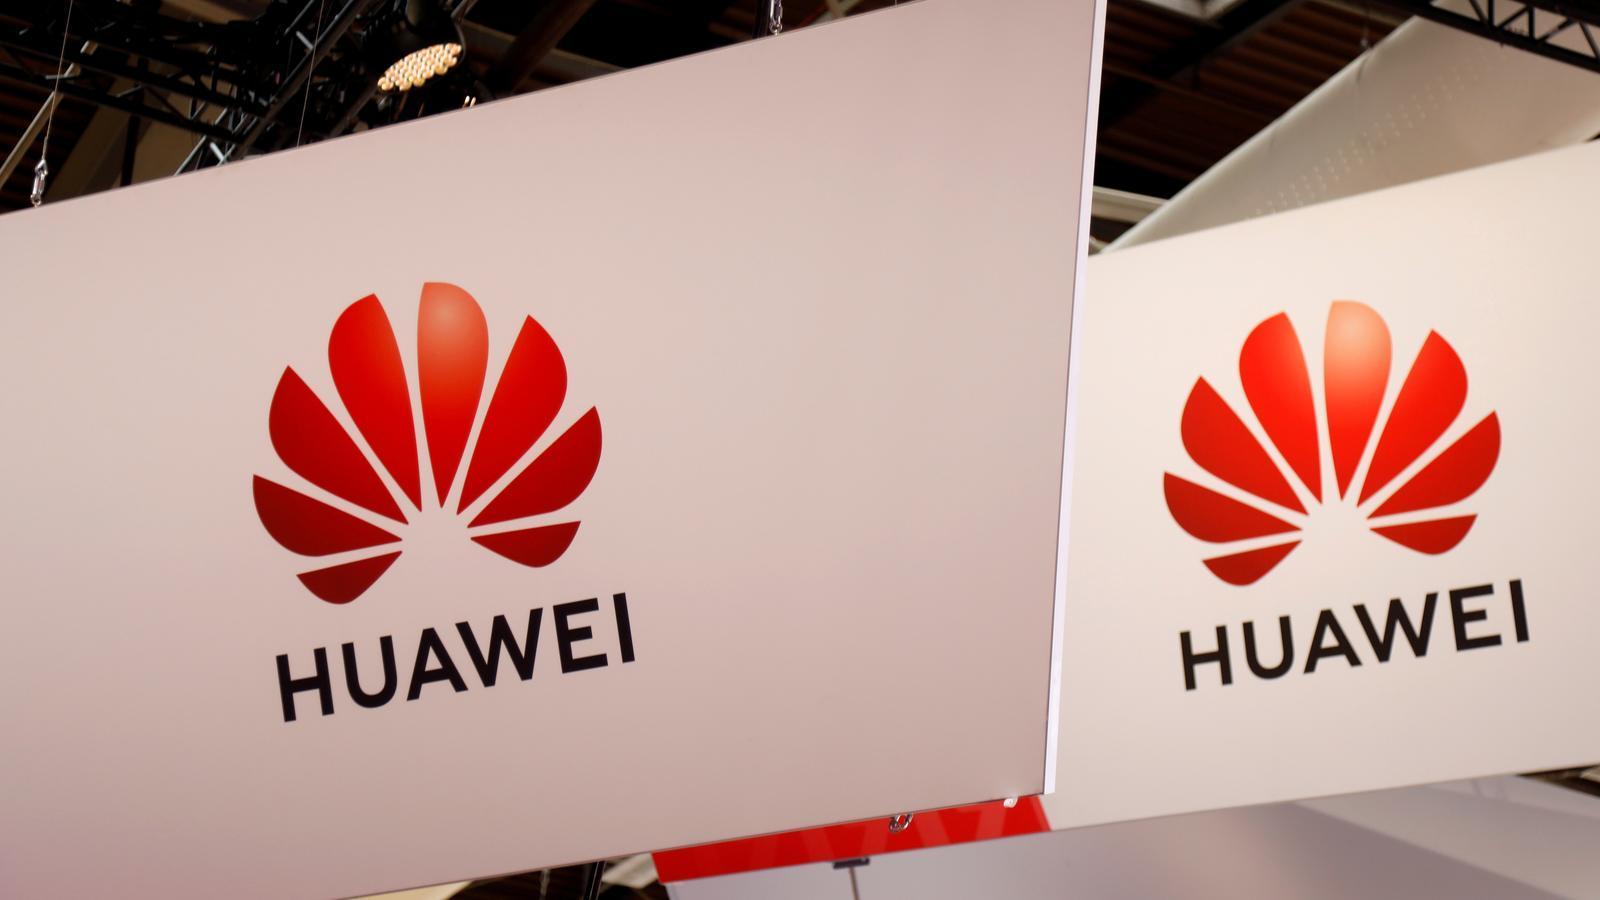 Com afectarà els usuaris el veto de Google a Huawei?